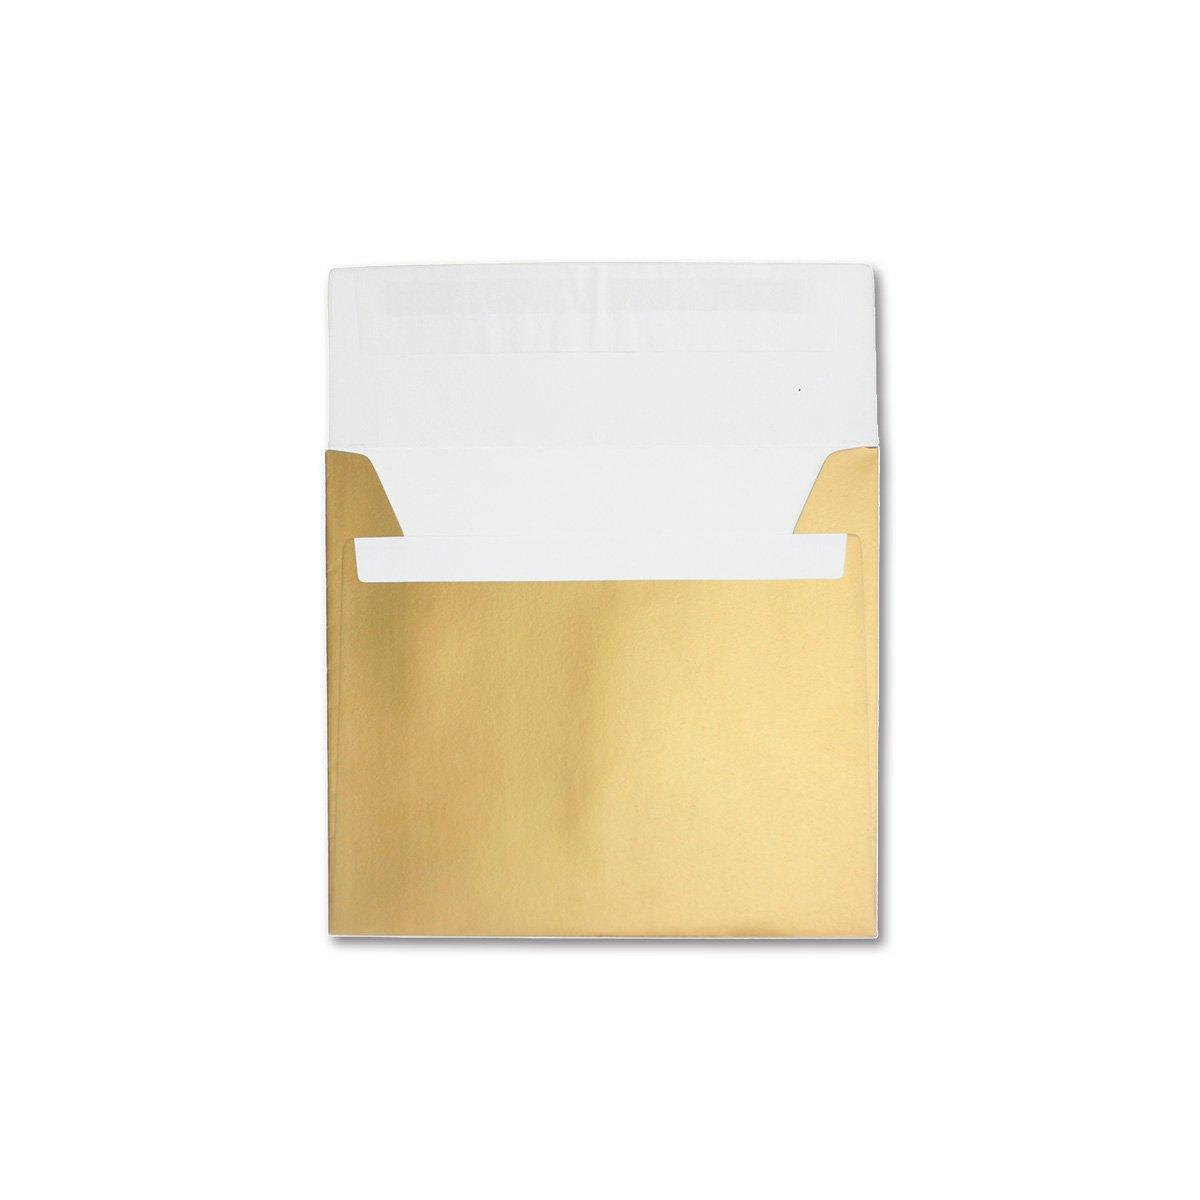 Grande Enveloppes carr/ées /130/g//m/² 220/x 220/&n /presque infroissable/ lourd et forte qualit/é/ /M/étallique avec effet brillant /Tr/ès stable/ Gold/